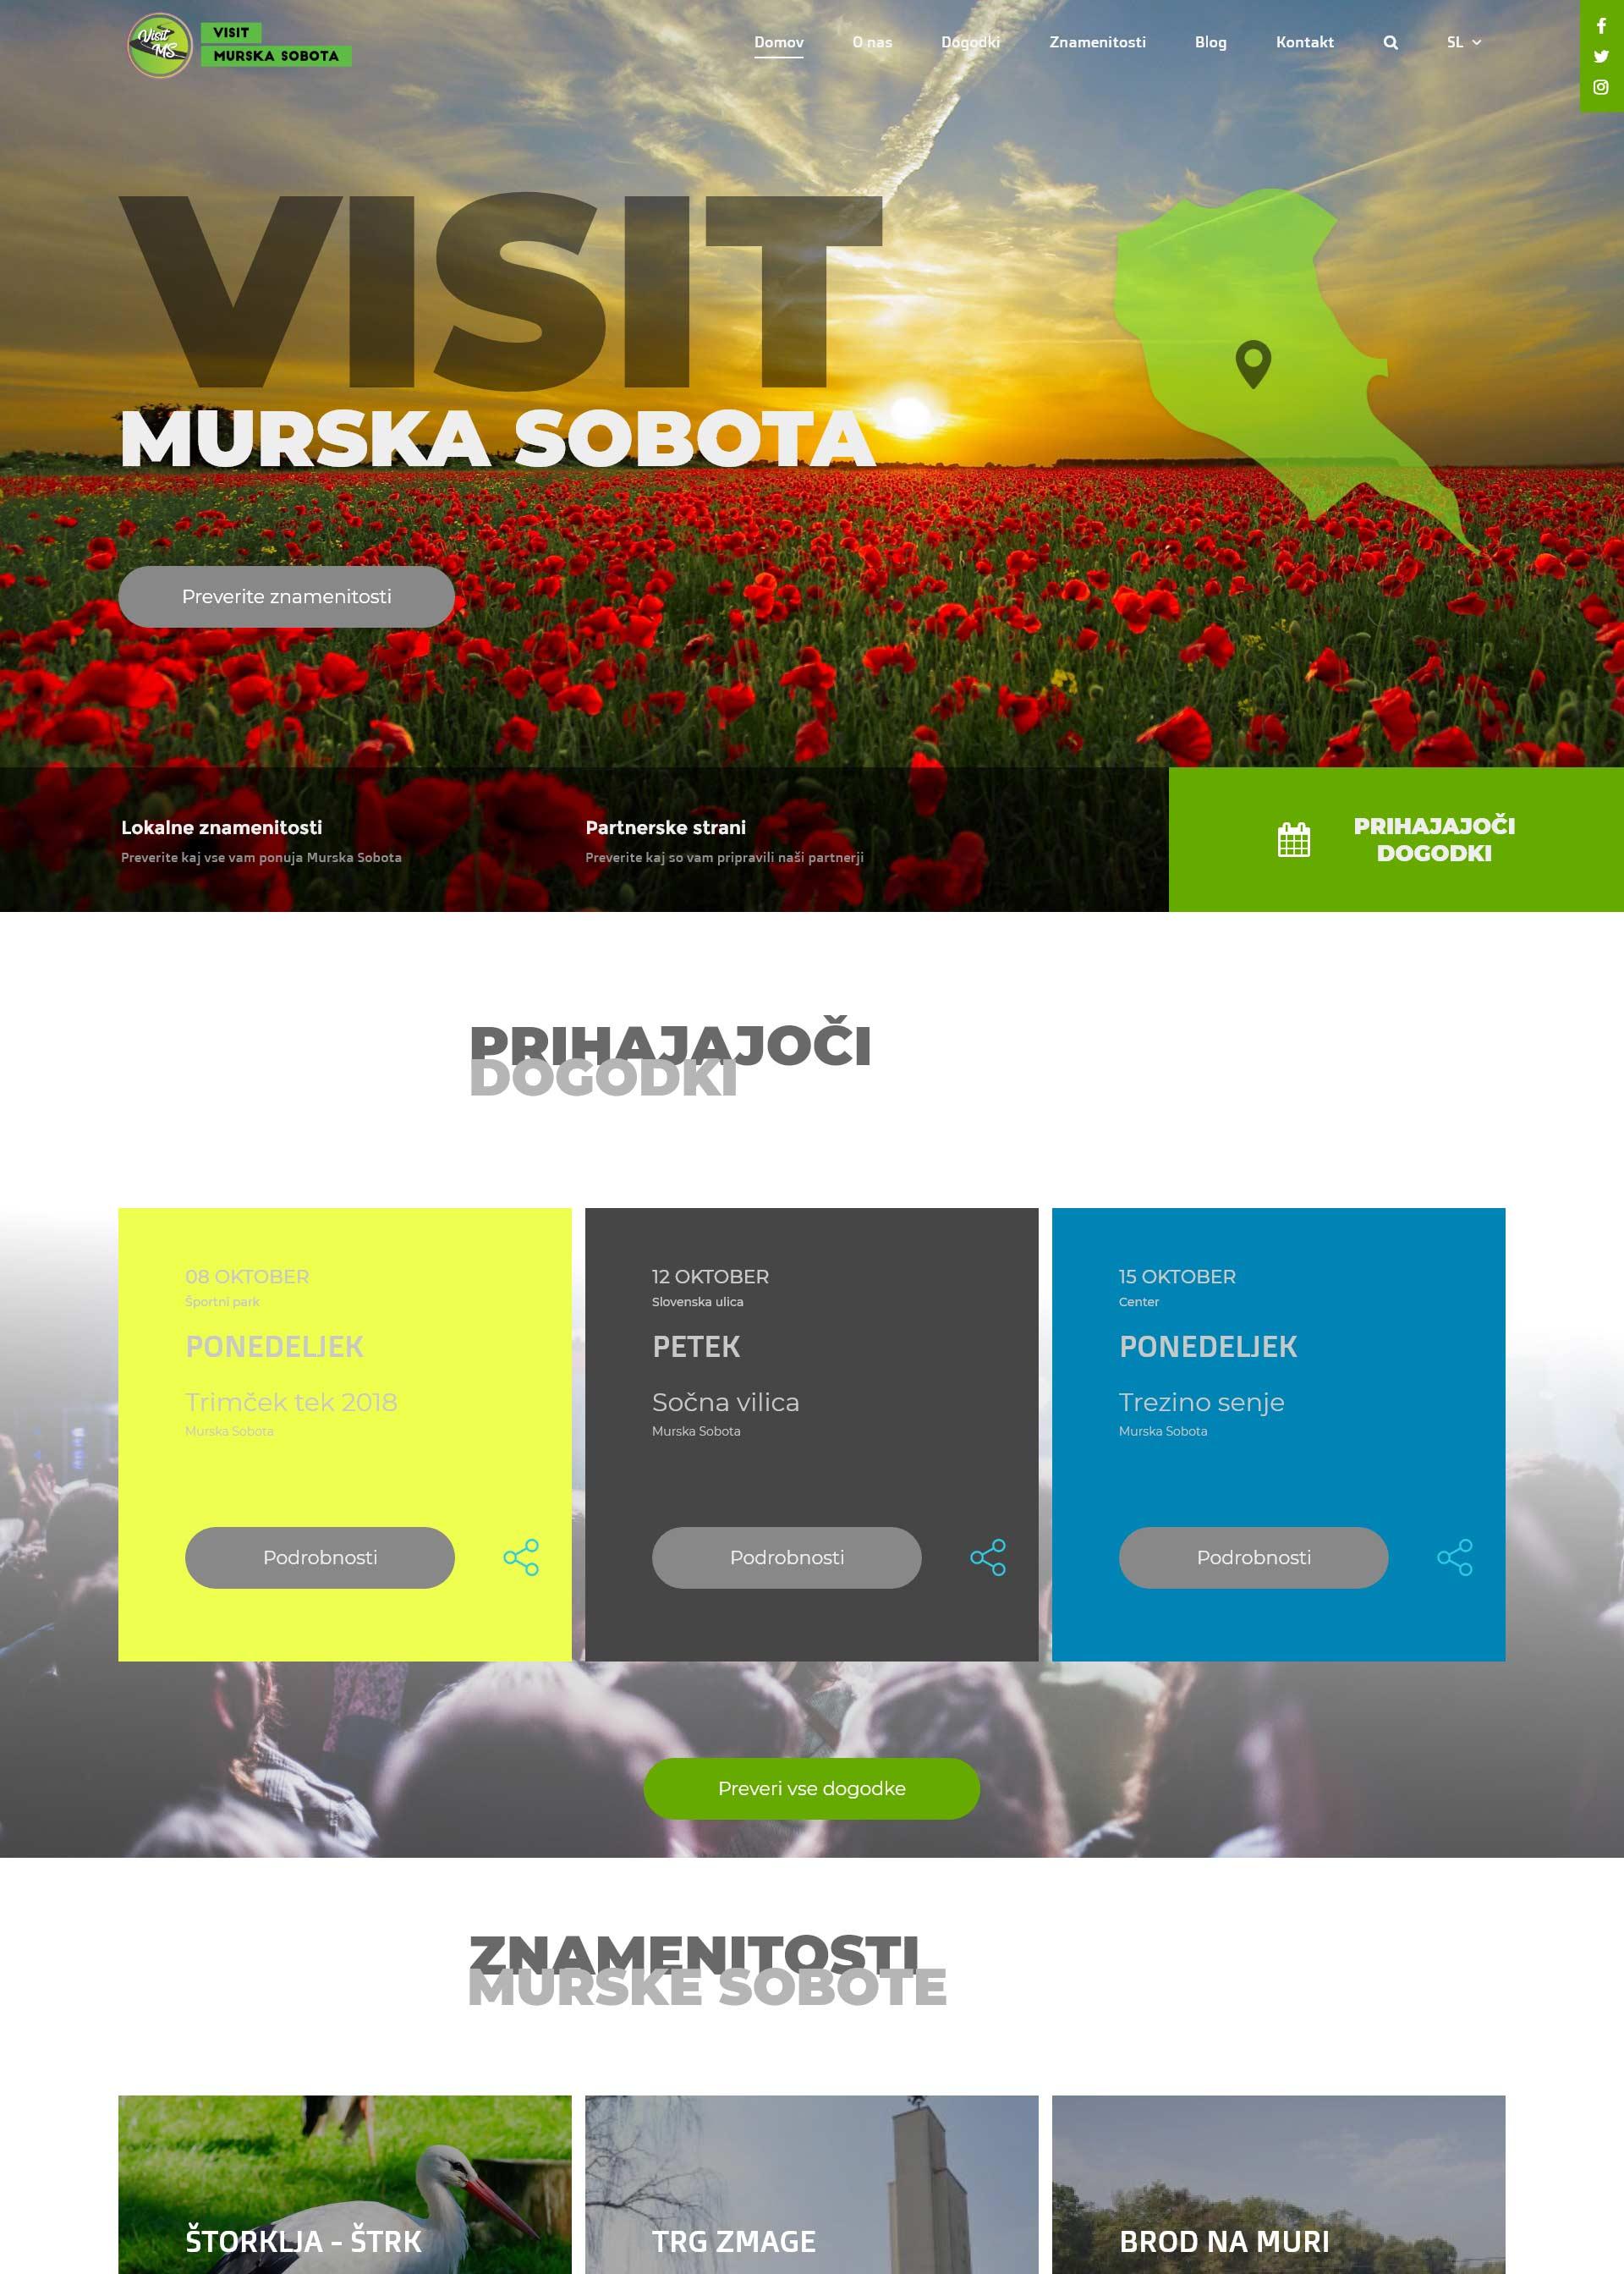 Visit-Murska-Sobota-koncept-spletne-strani